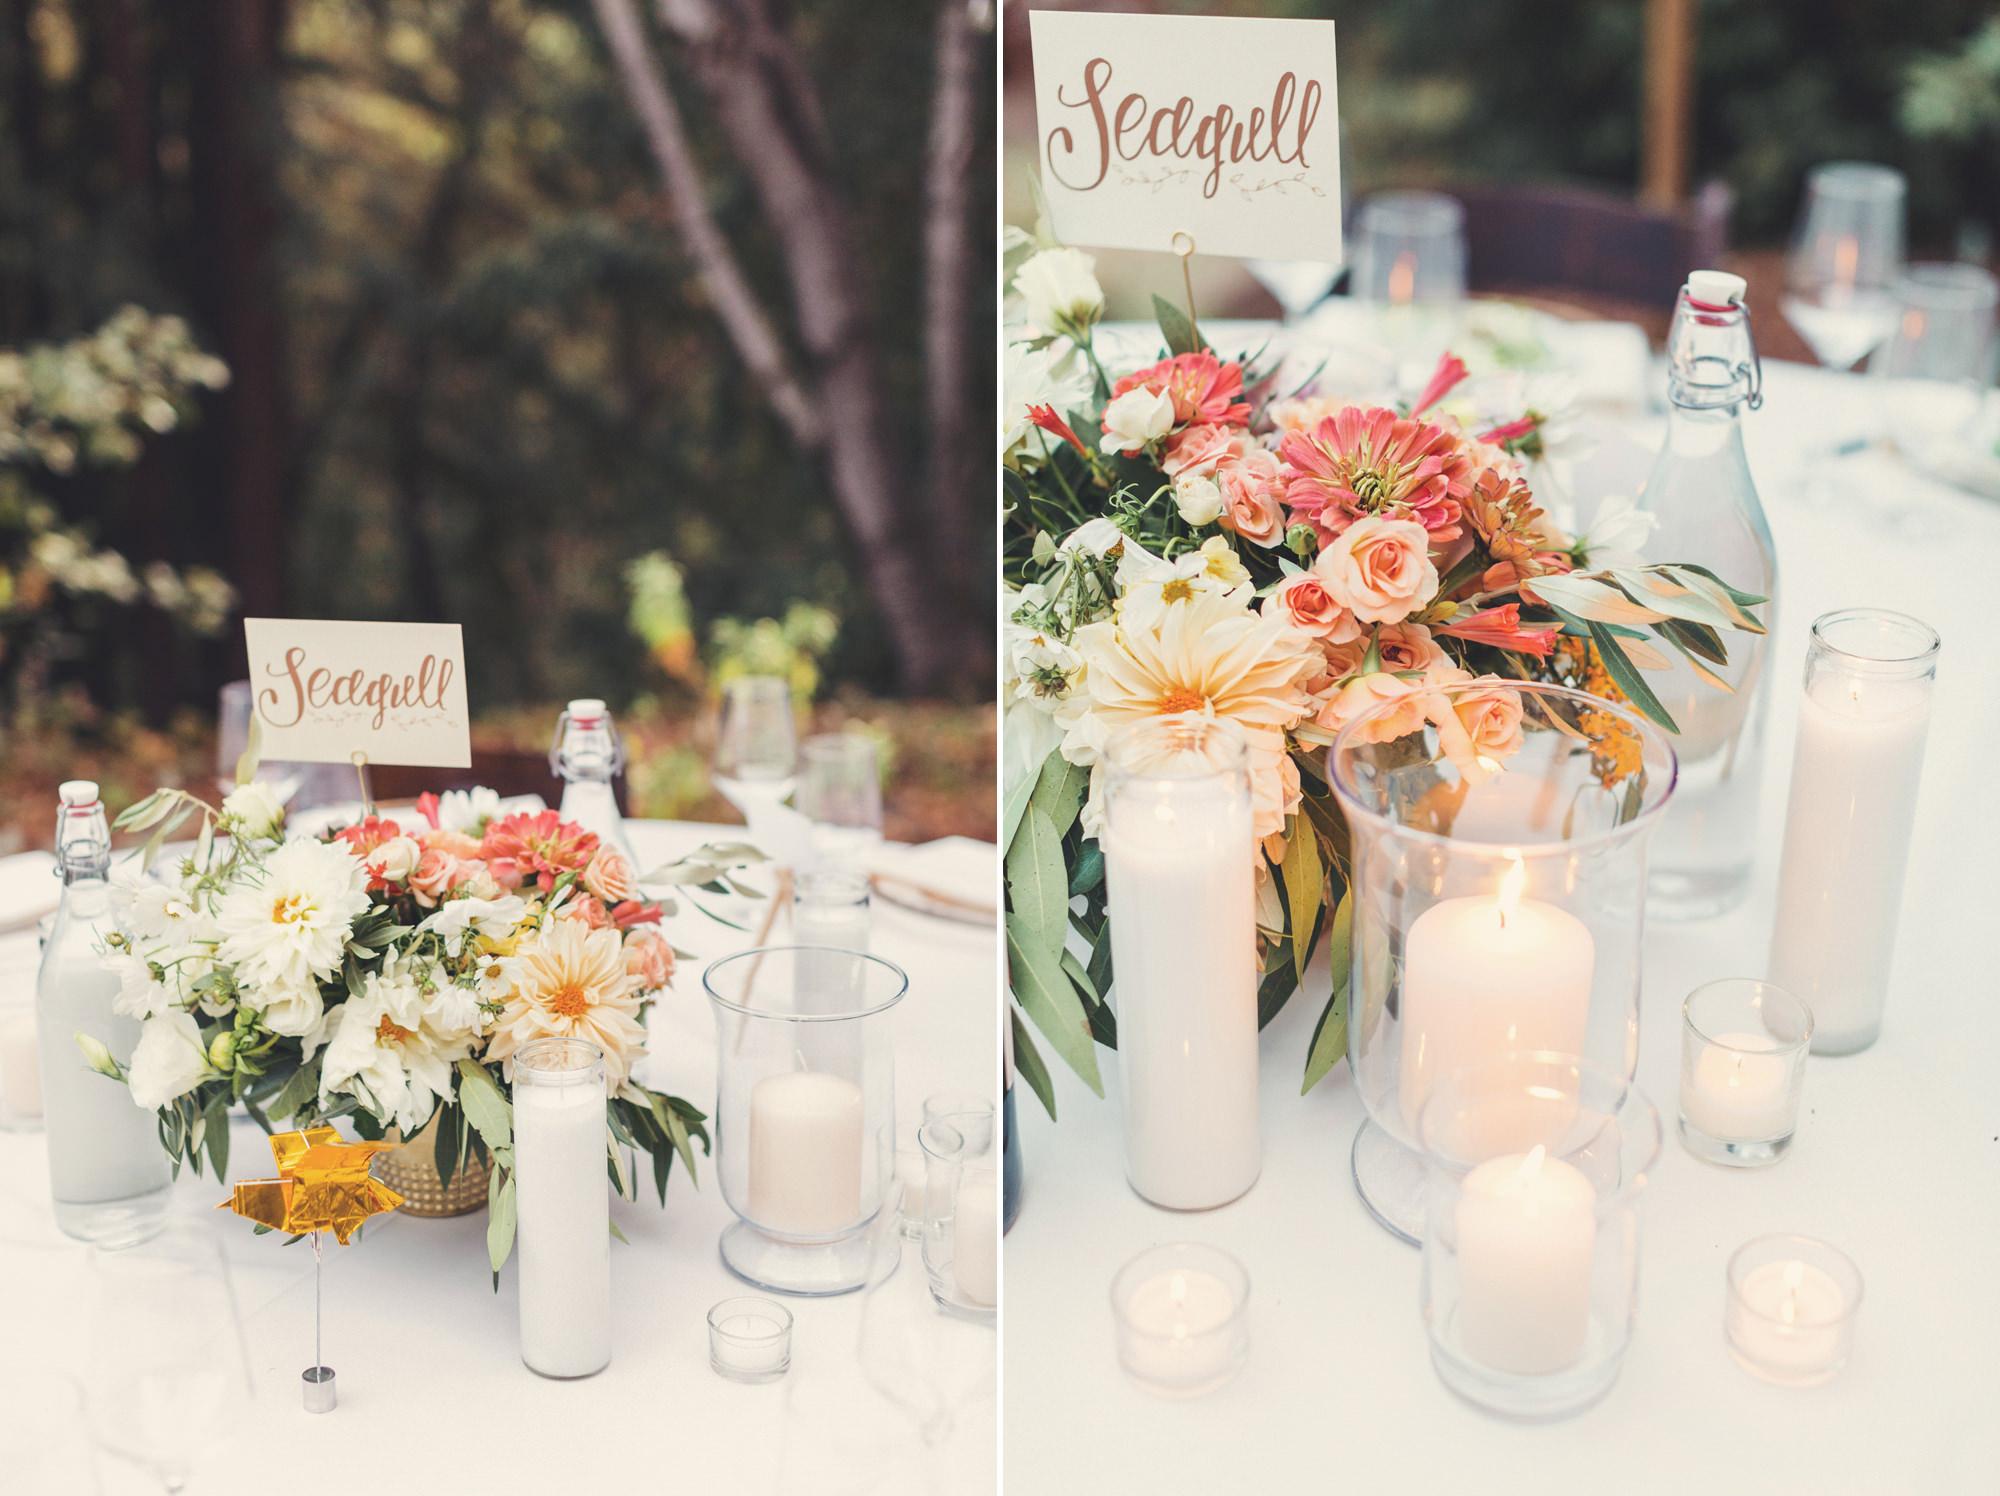 Sequoia Retreat Center Wedding@Anne-Claire Brun 181